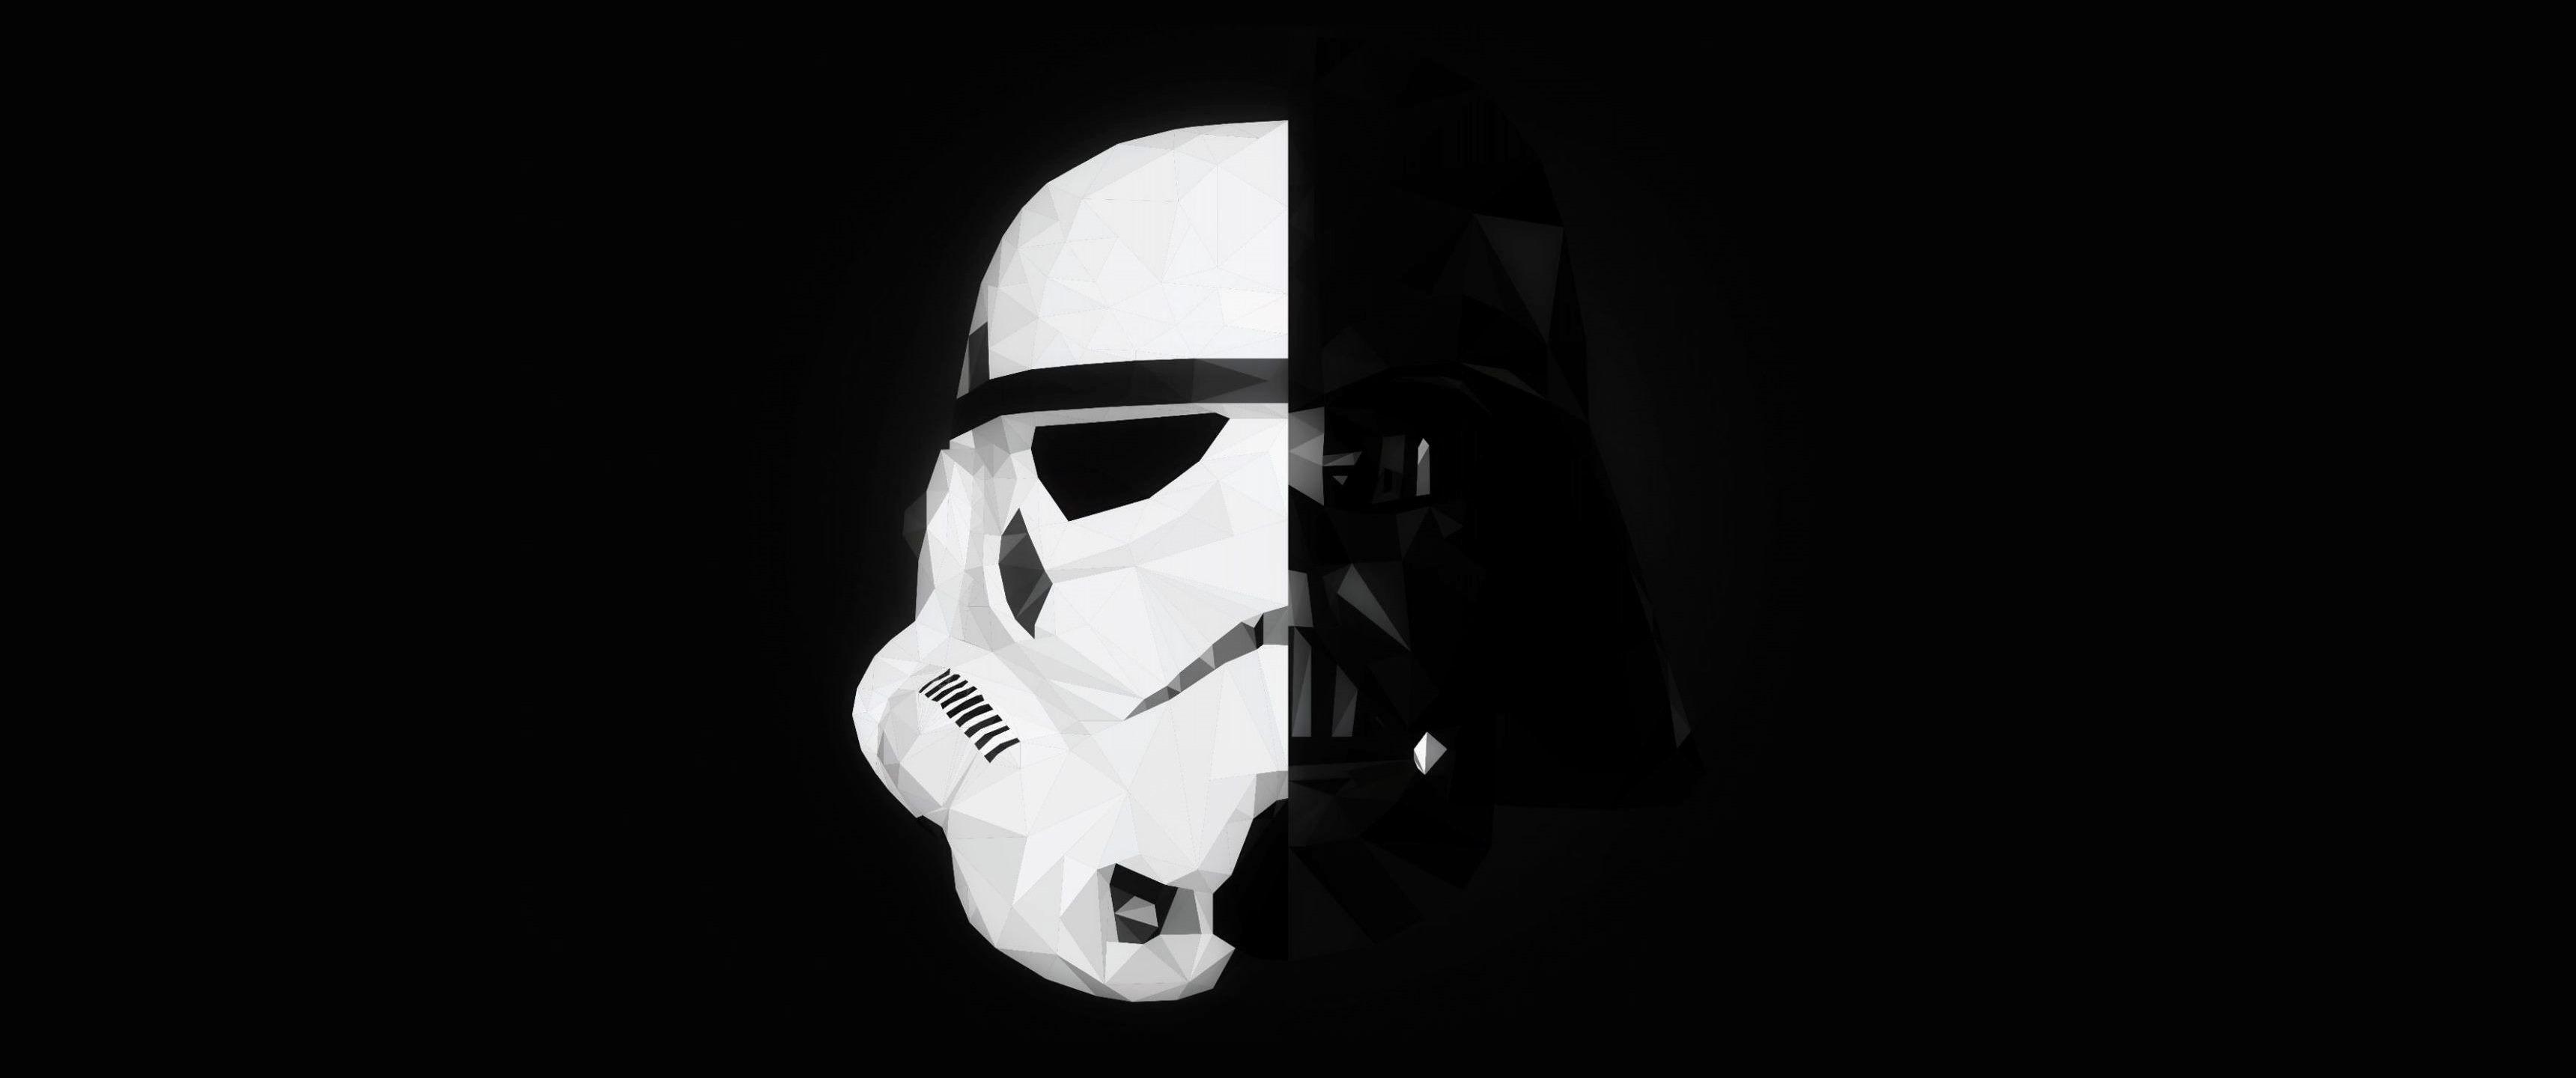 Wallpaper 3440x1440 Px Darth Vader Mask Minimalism Splitting Star Wars Stormtrooper 3440x1440 1102533 Hd Wallpapers Wallhere